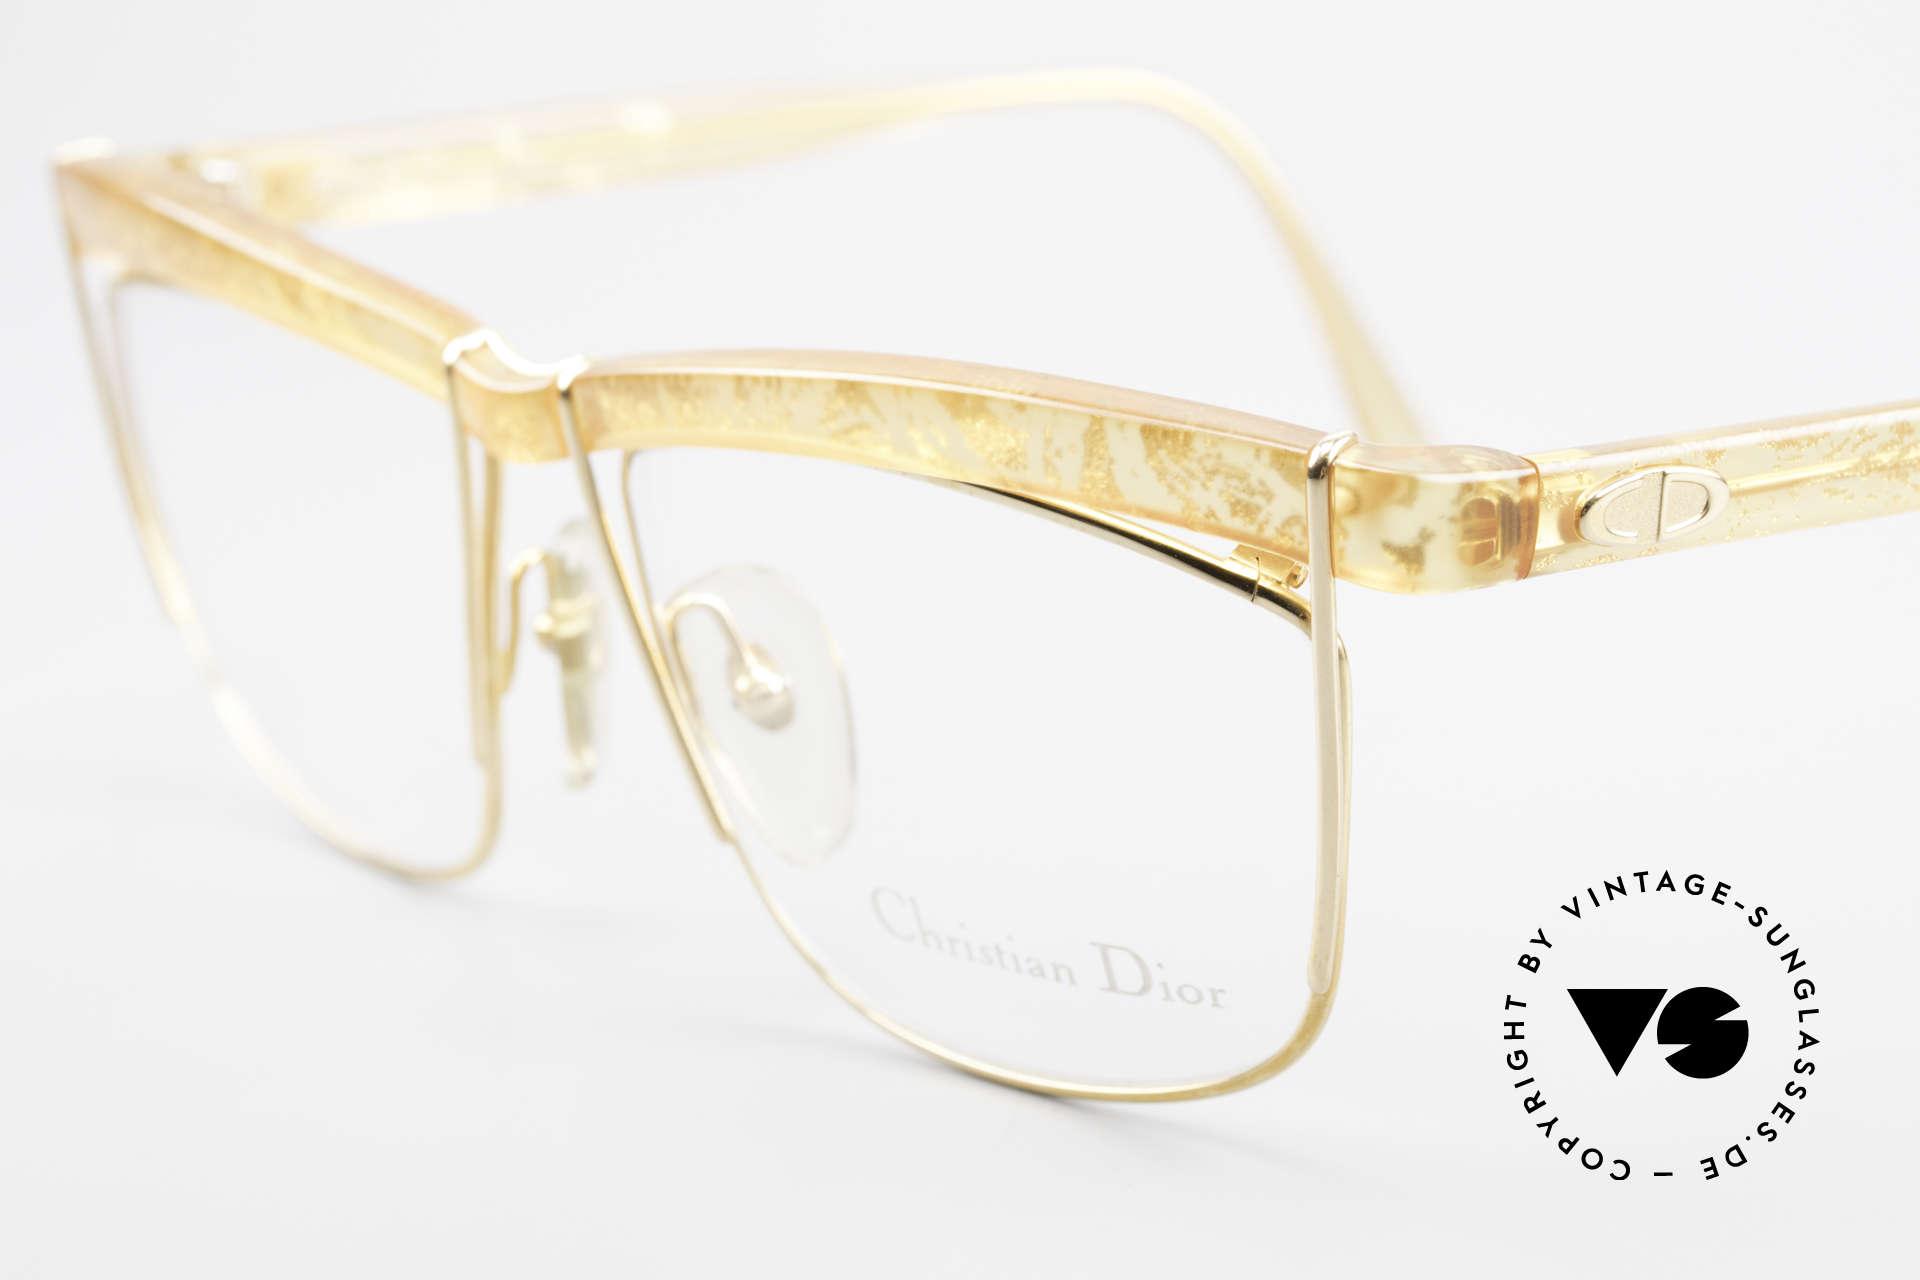 Christian Dior 2552 90er Vintage Brille Damen, ungetragen (wie alle unsere vintage Dior Brillen), Passend für Damen